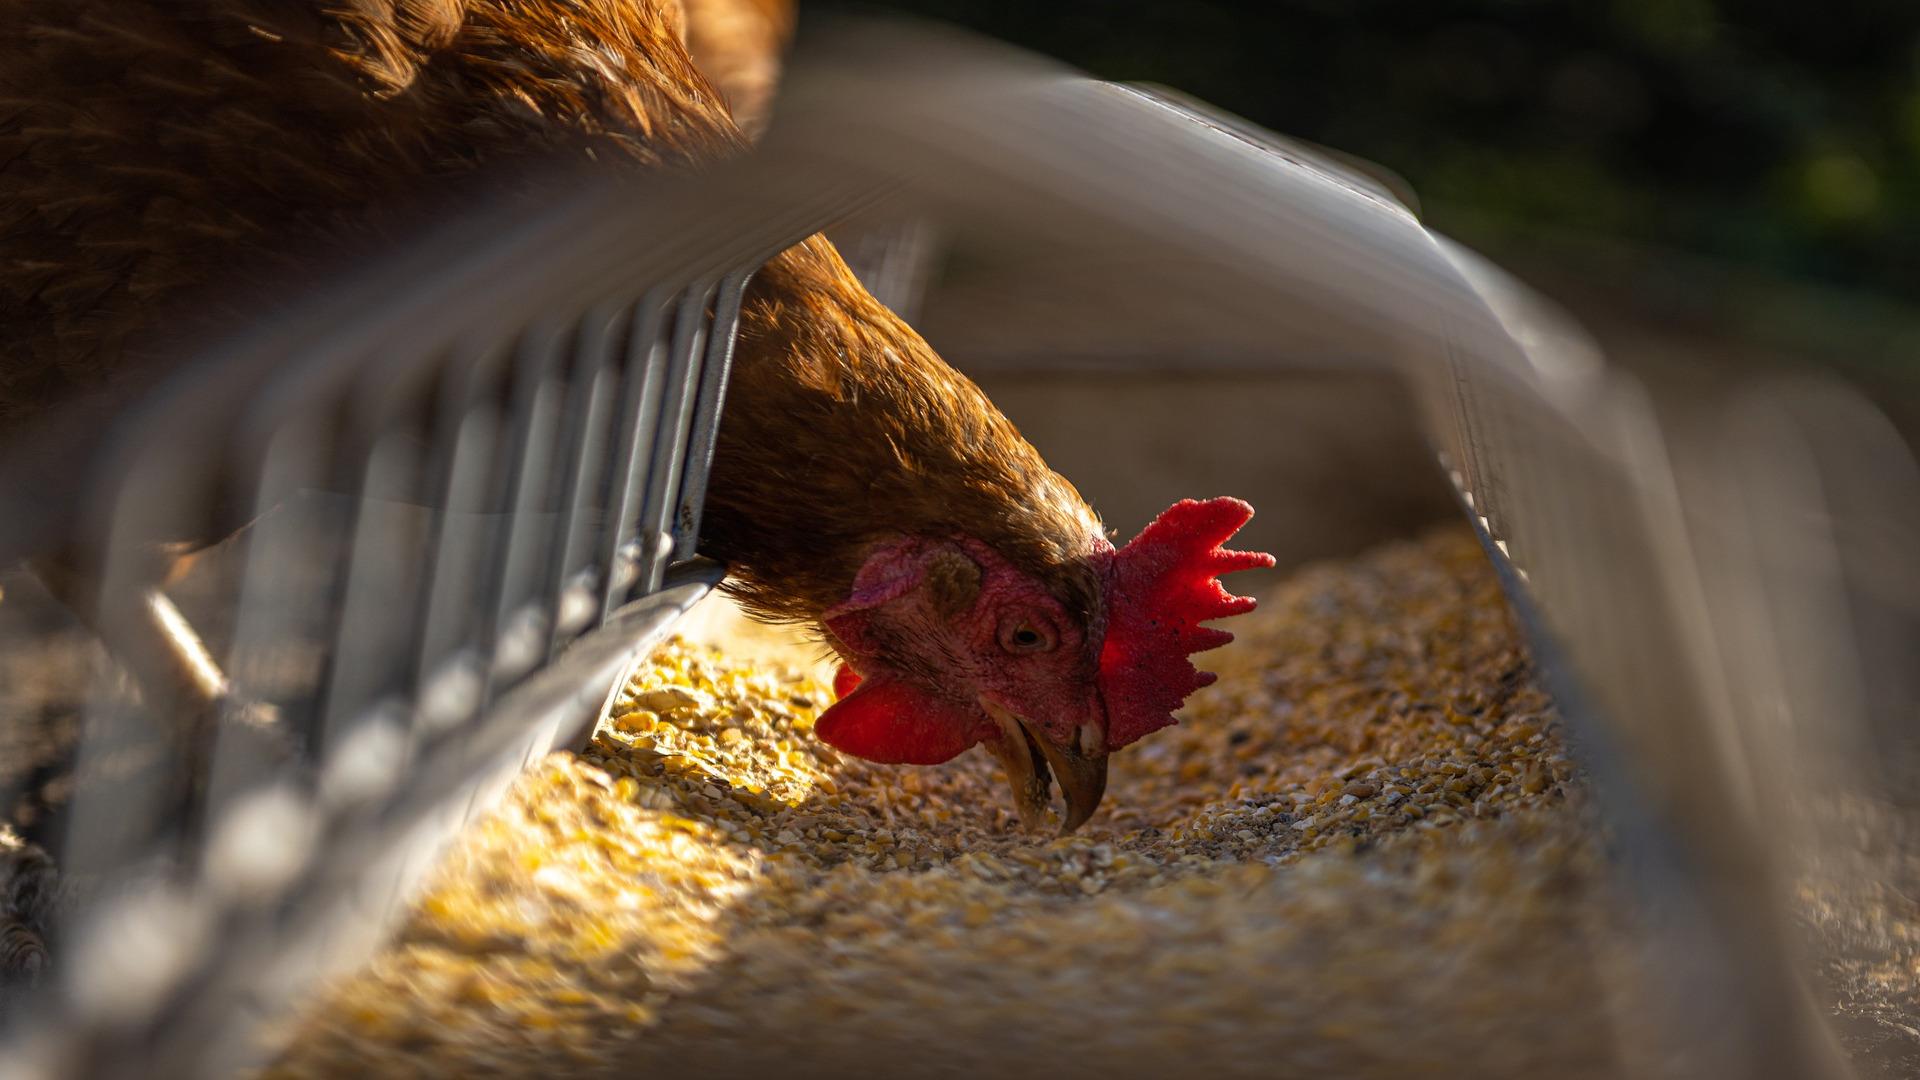 espanha-se-encuentra-en-riesgo-alto-de-contagio-por-gripe-aviar-1920